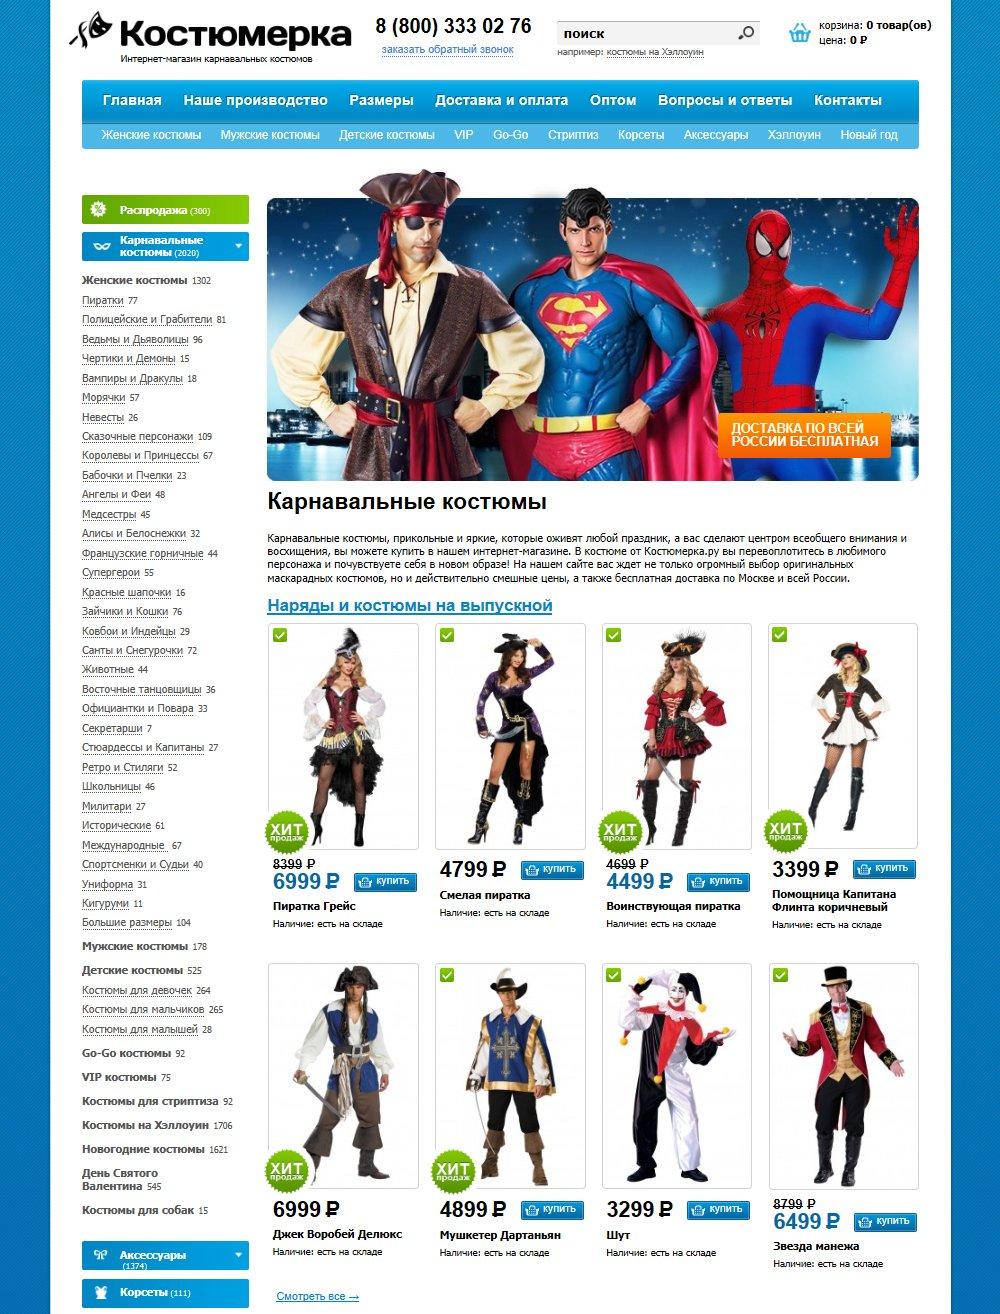 Главная страница интернет-магазина карнавальных костюмов Kostumerka.ru